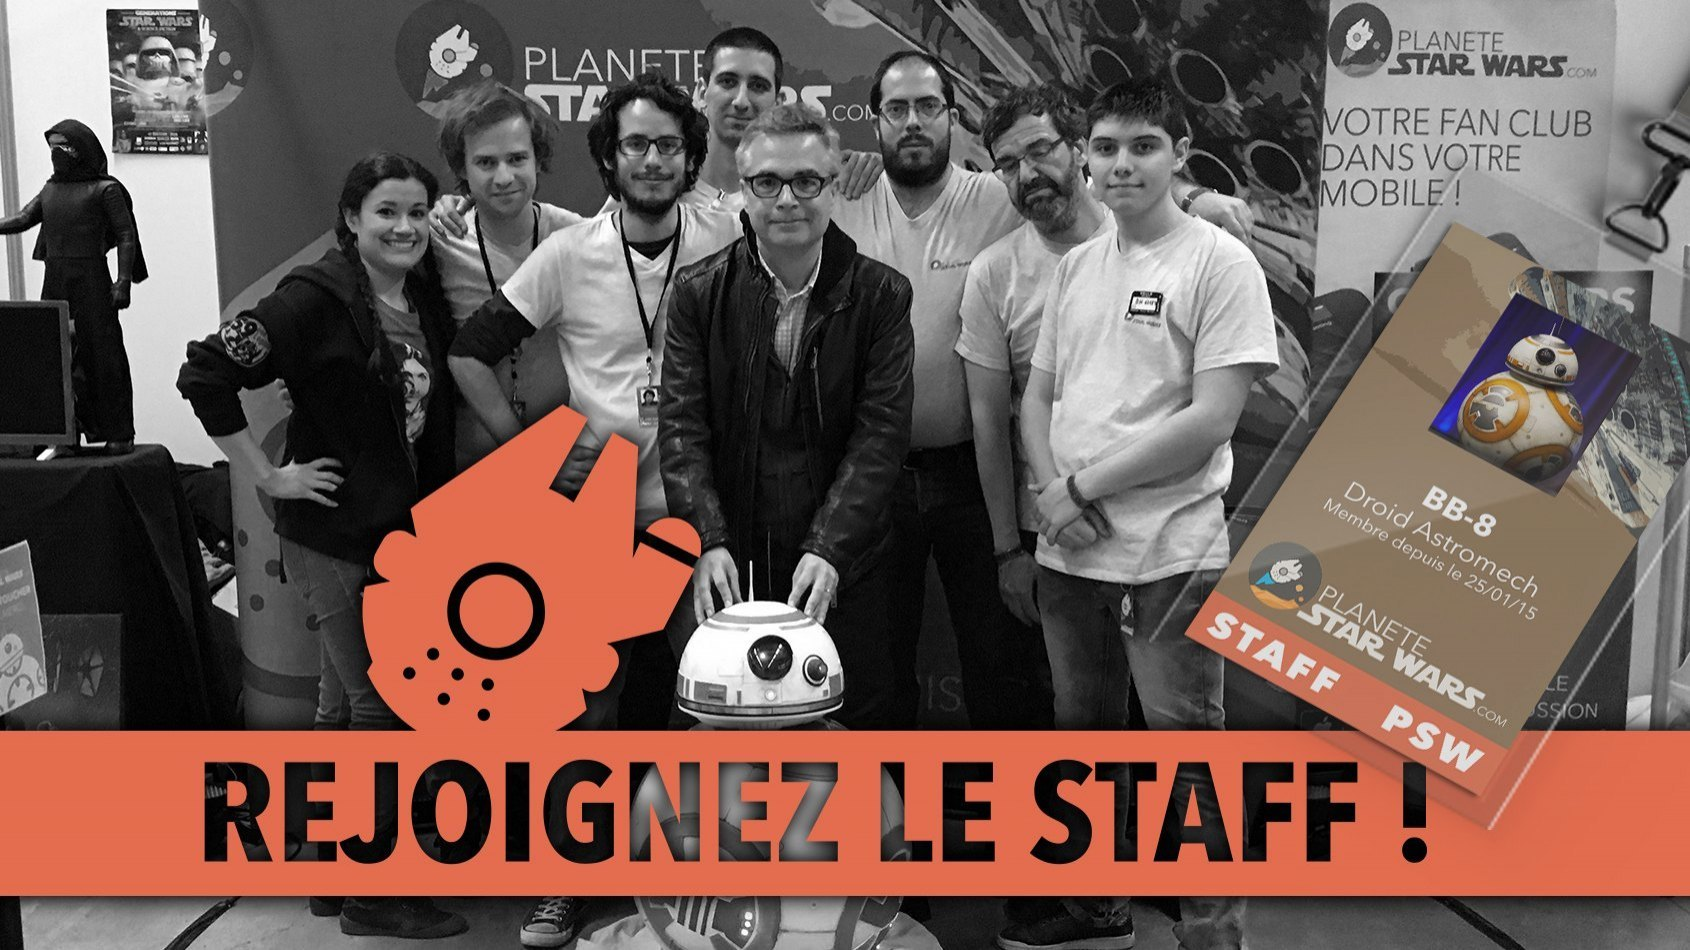 Rejoignez le staff PSW ! Nous avons besoin de vous !